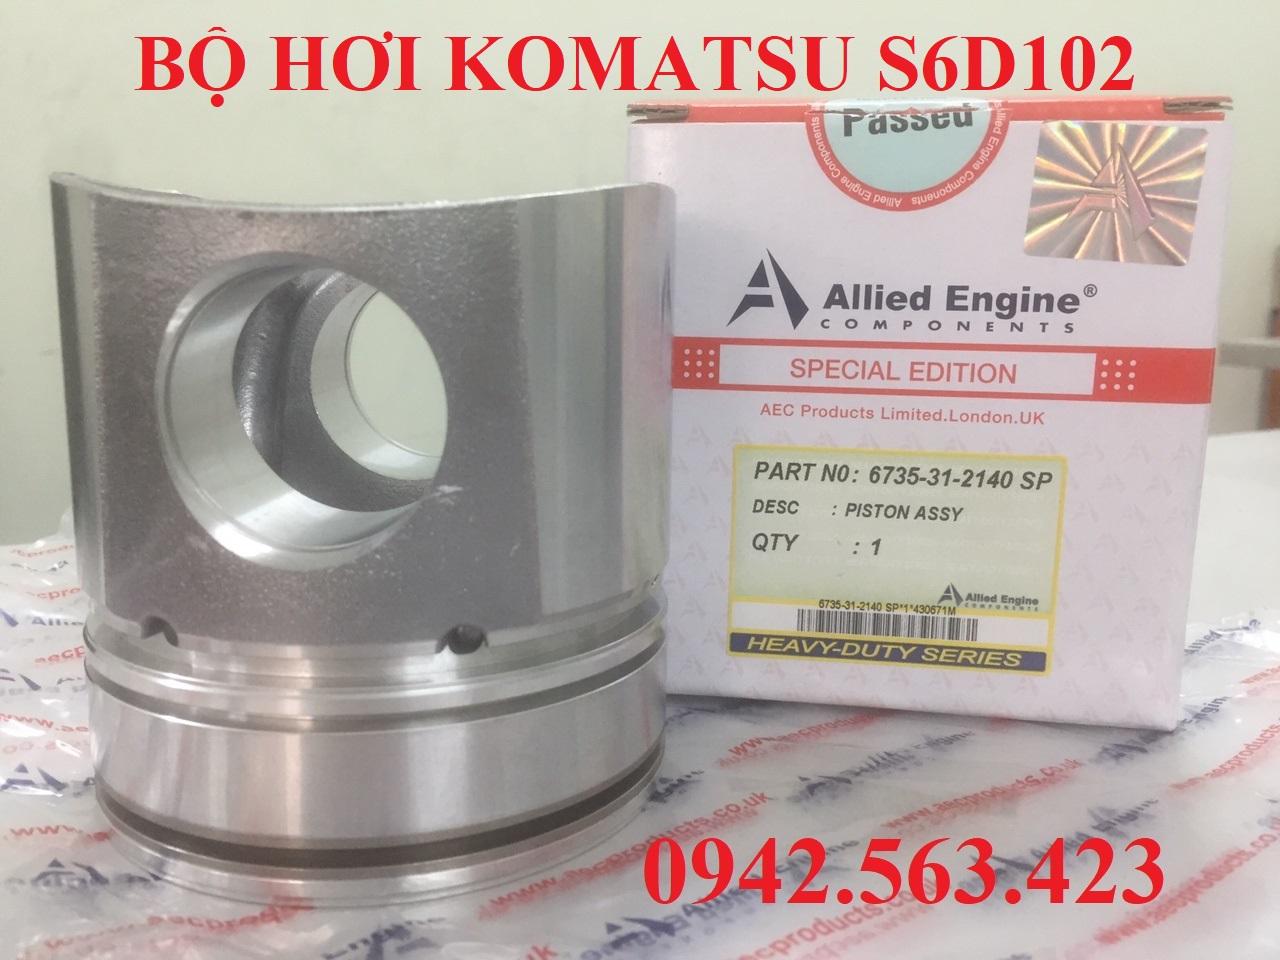 Bộ hơi Komatsu S6D102, Bộ hơi S6D102